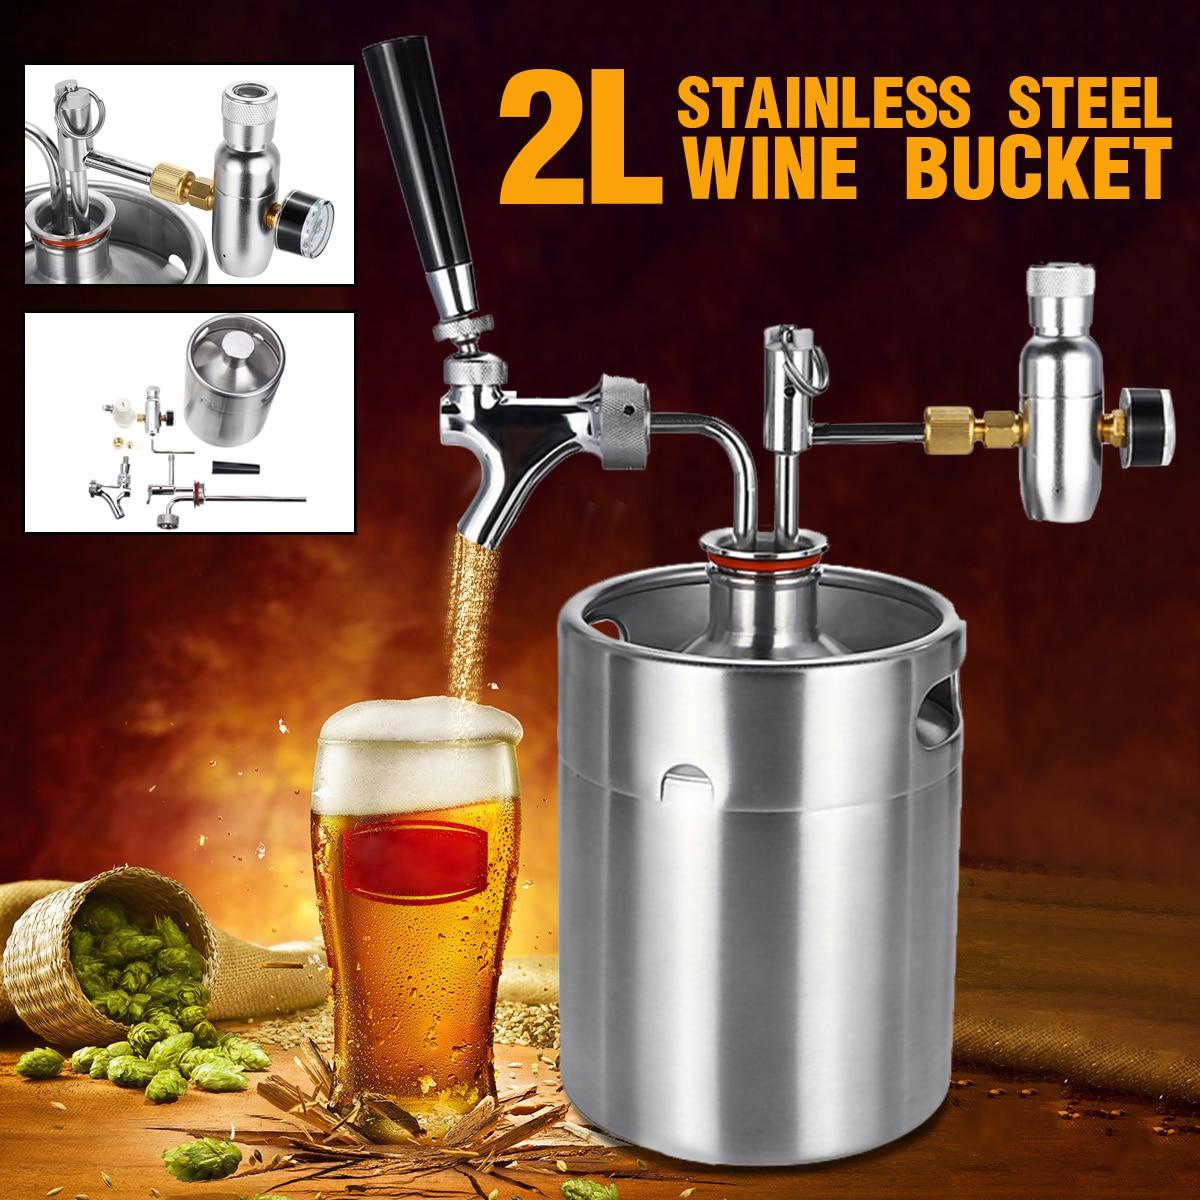 2L دائم الفولاذ المقاوم للصدأ النبيذ برميل البيرة الخشبي المنزل موزع الجعة هدير البيرة تختمر الحرفية برميل البيرة الخشبي صغير مع صنبور الضغط